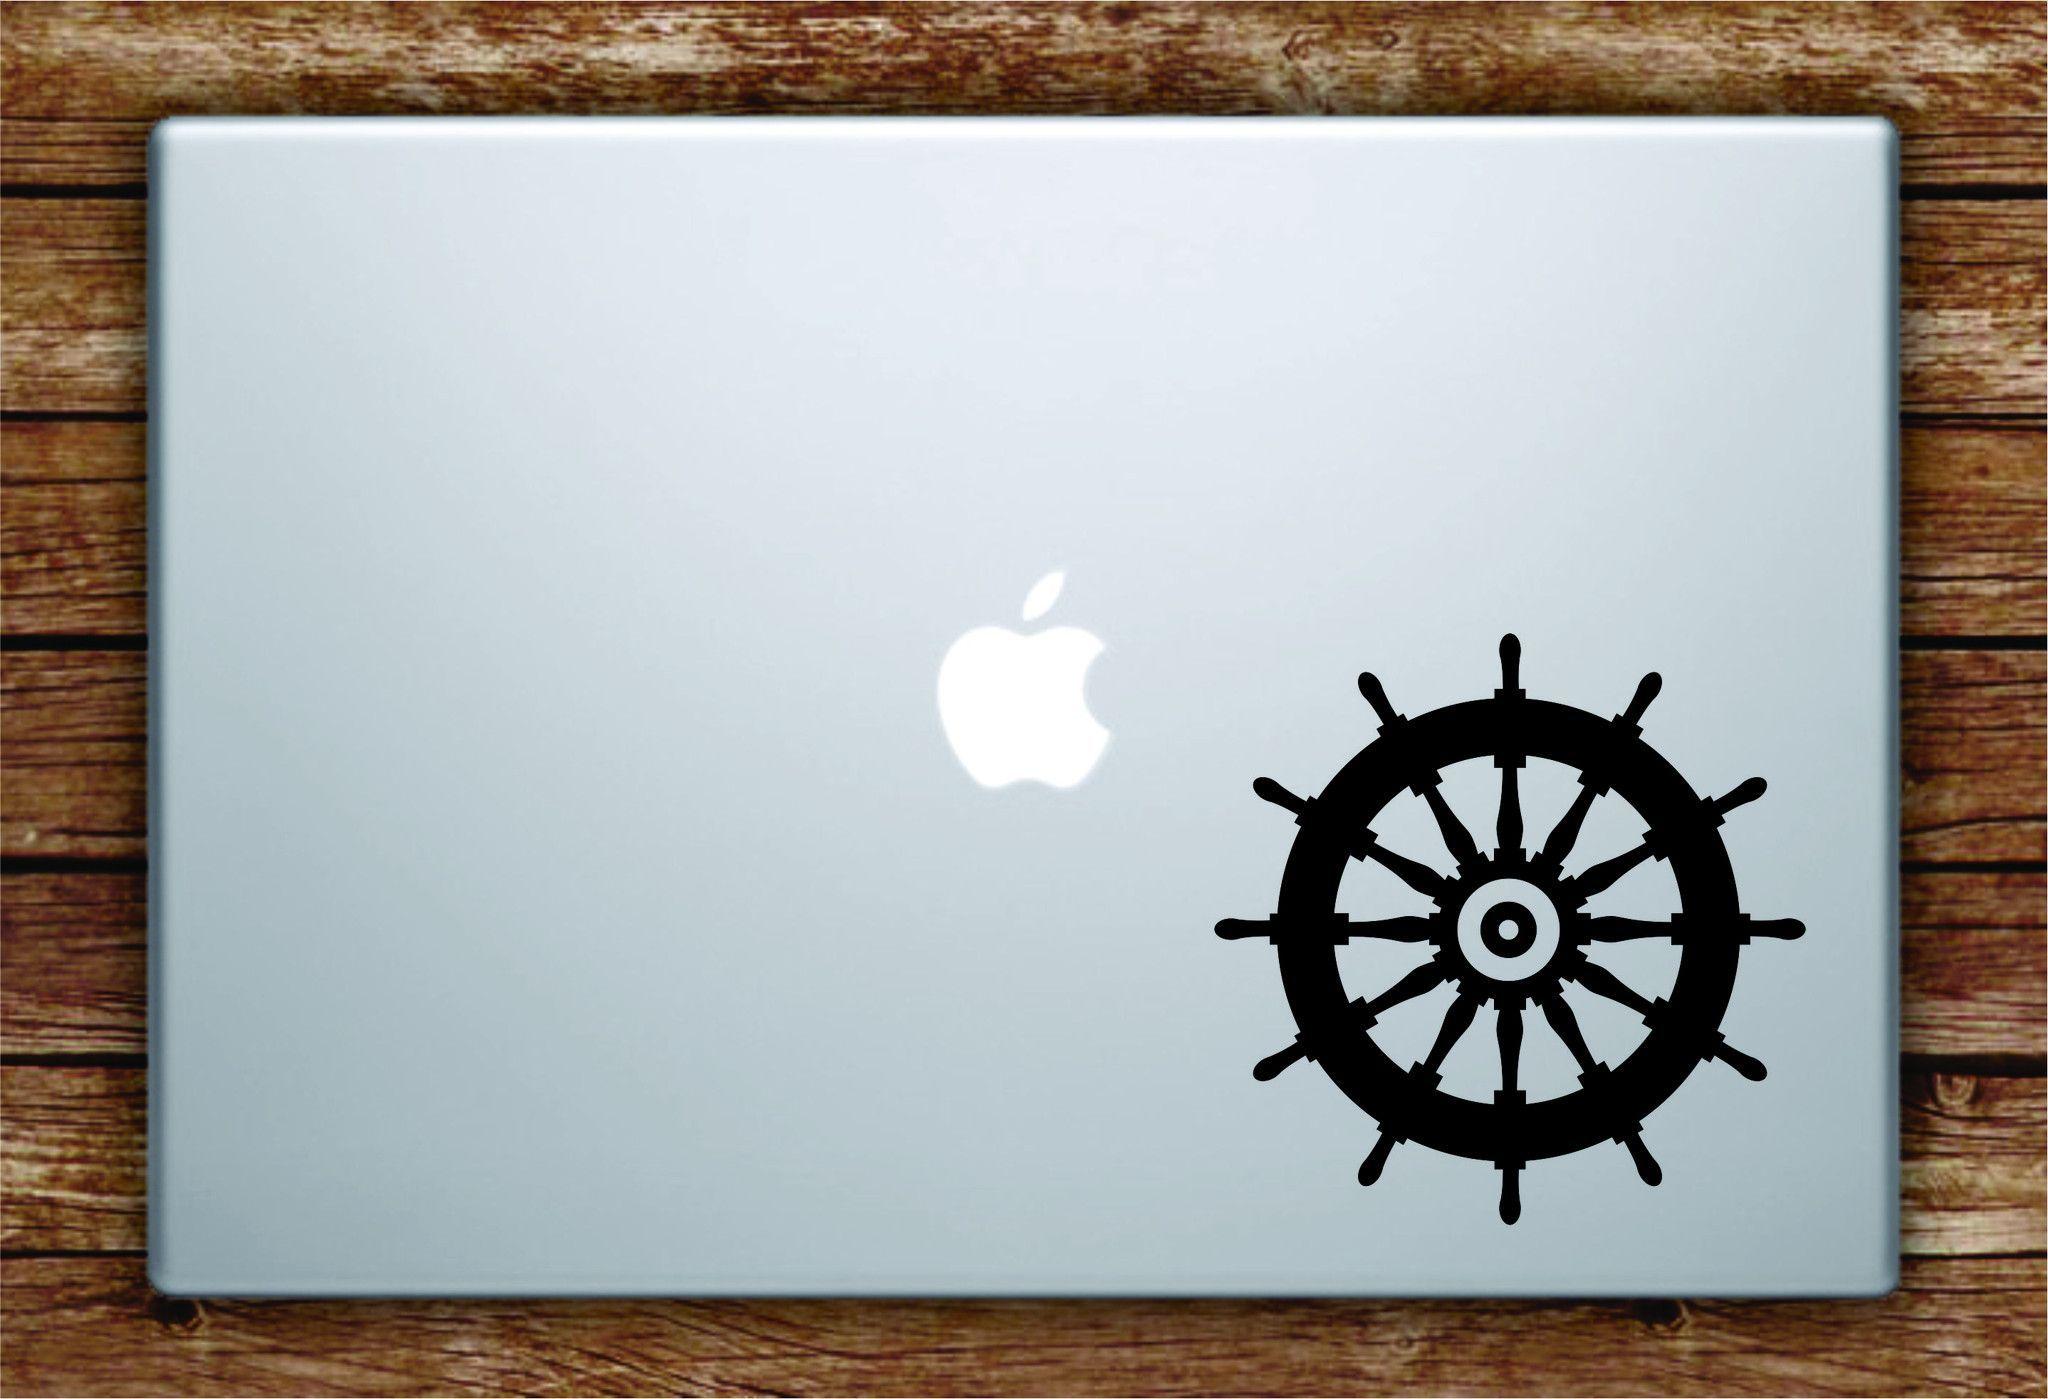 Boat Steering Wheel Laptop Decal Sticker Vinyl Art Quote Macbook